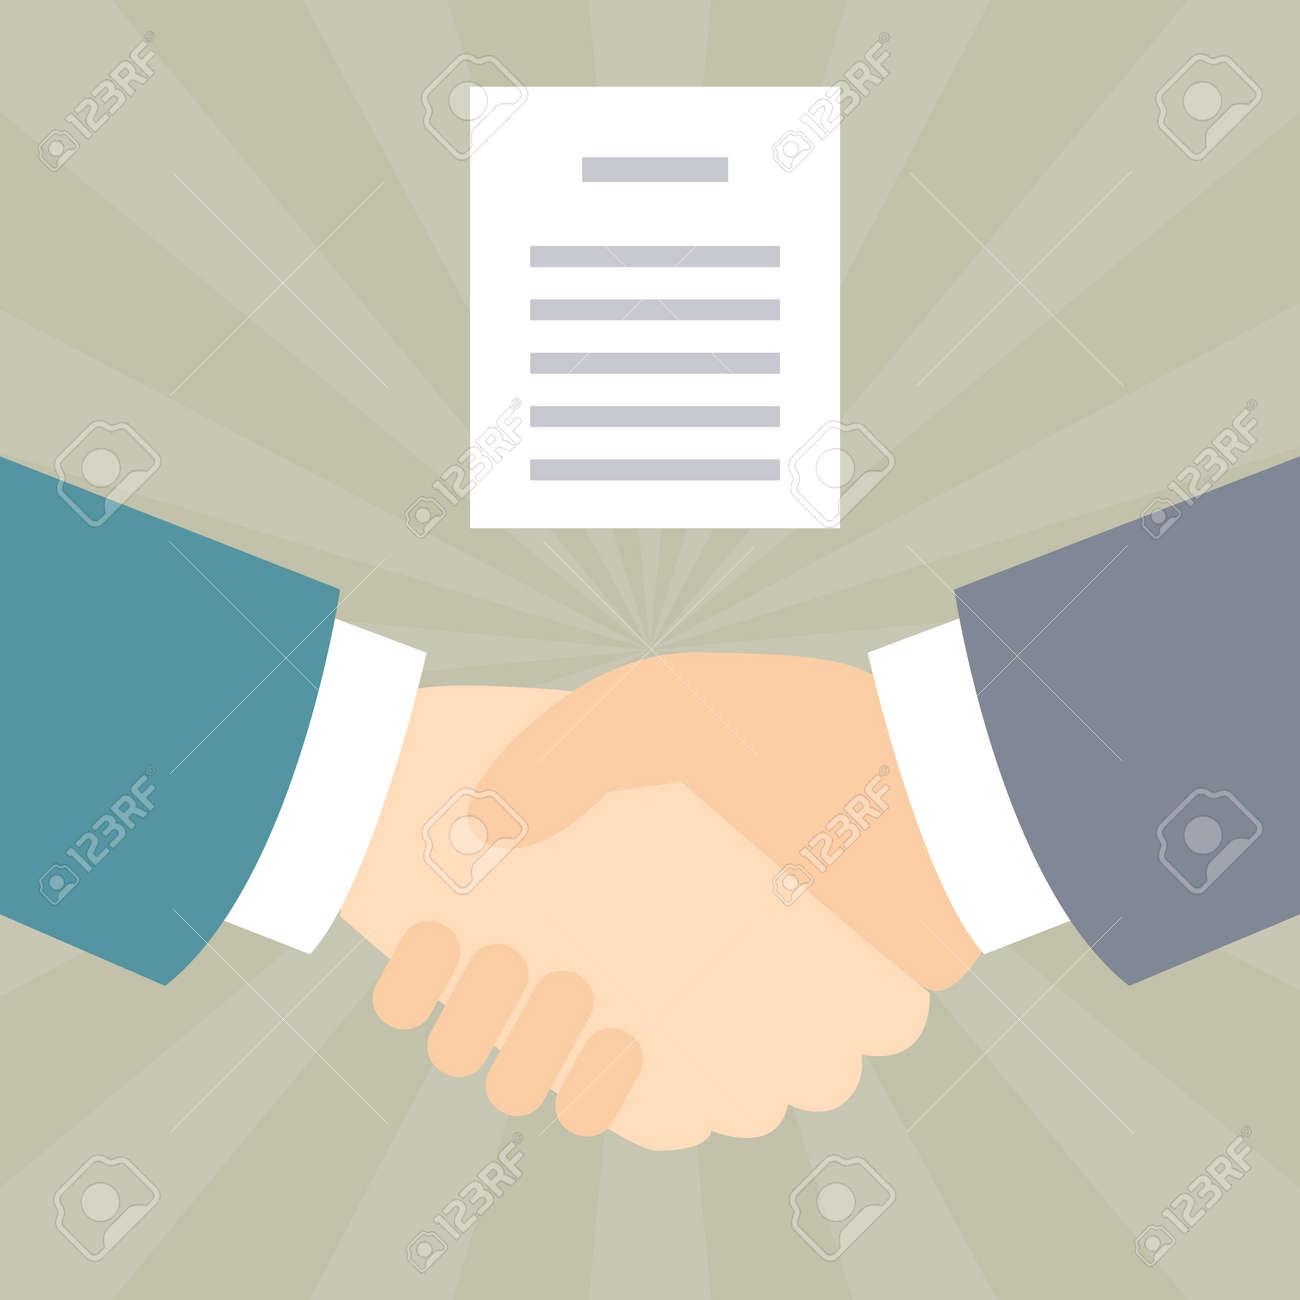 Handshake agreements - 168556884